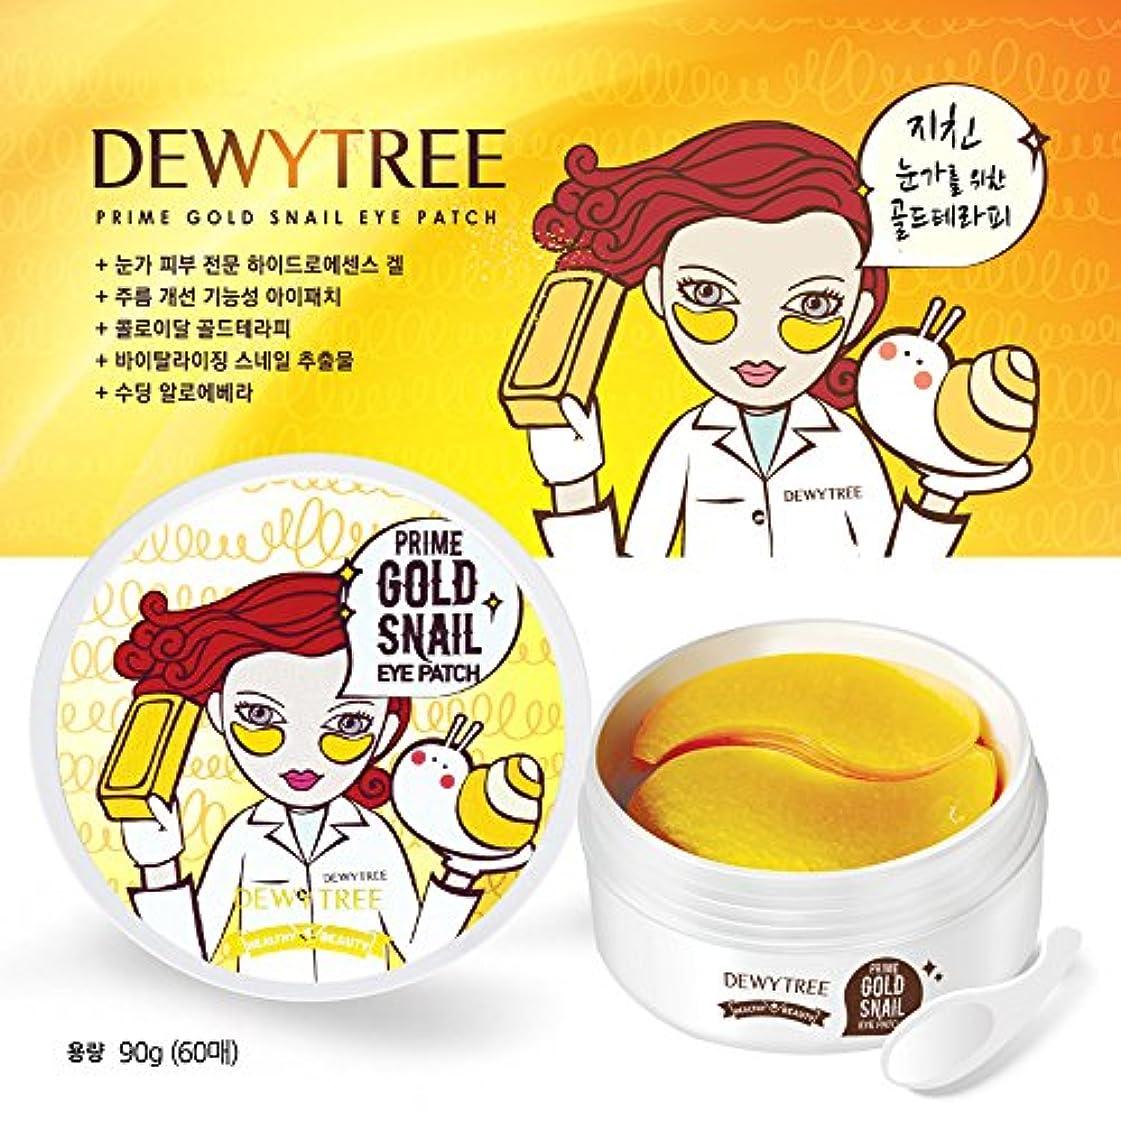 粗い描く促すDEWYTREE Prime Gold Snail Eye Patch 60ea (PRIME GOLD SNAIL)/デュイツリー プライム ゴールド スネイル アイパッチ 60ea (プライム ゴールド スネイル)